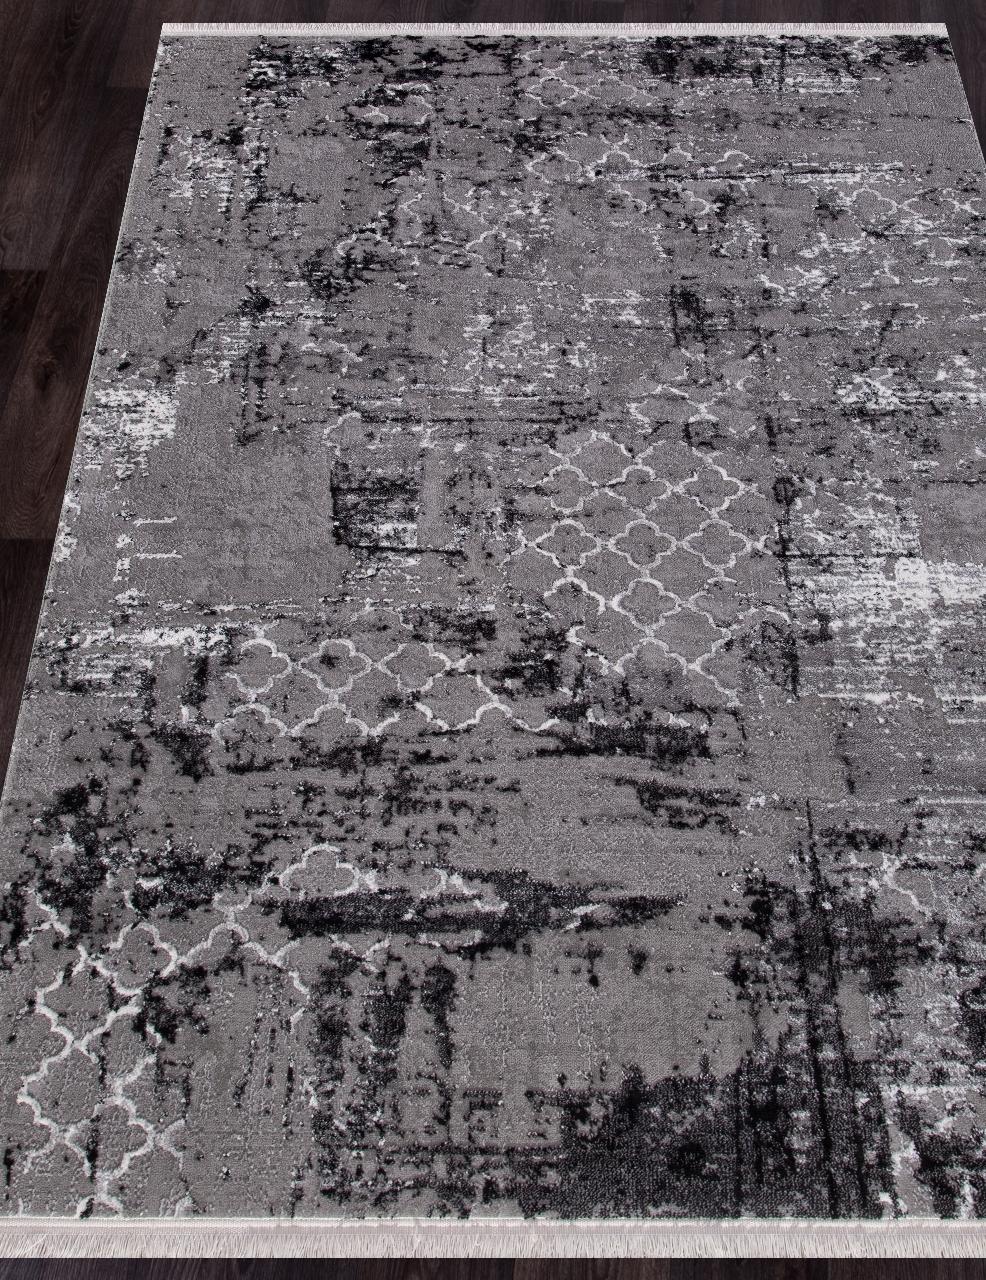 Ковер NP 250 - GREY / BLACK - Прямоугольник - коллекция MOROCCO